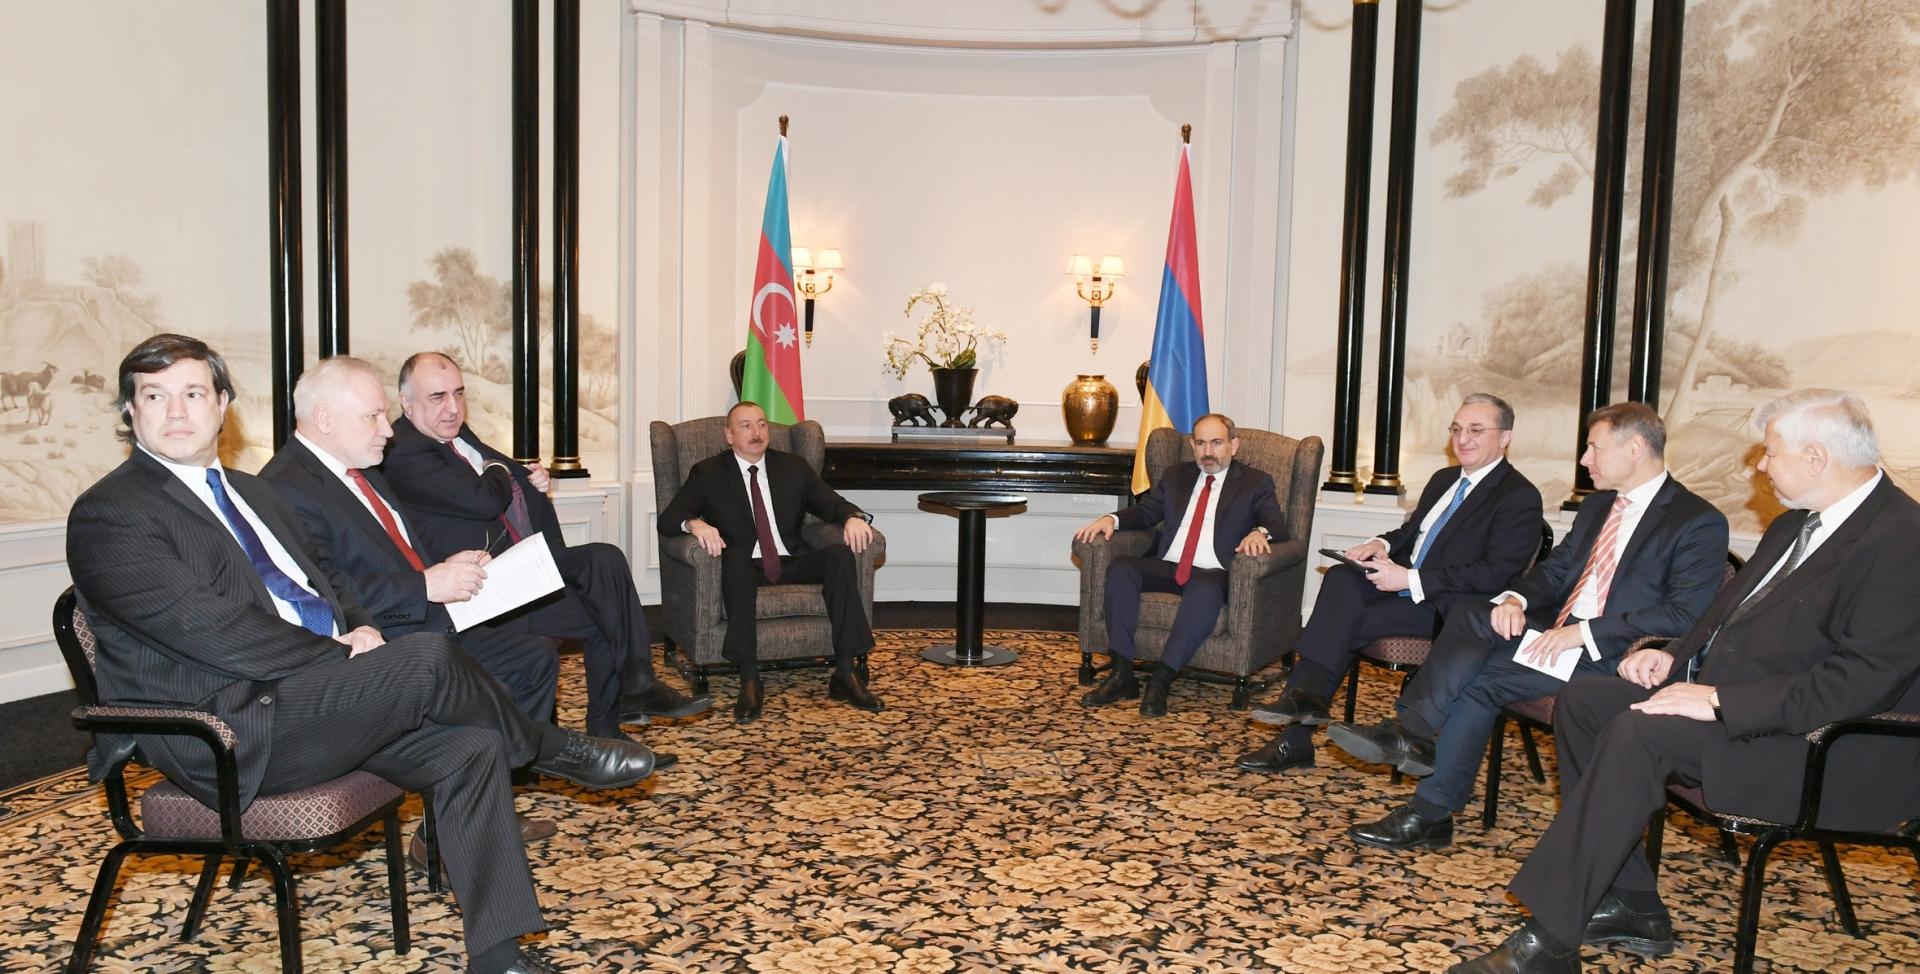 Армяно-азербайджанская встреча в Вене